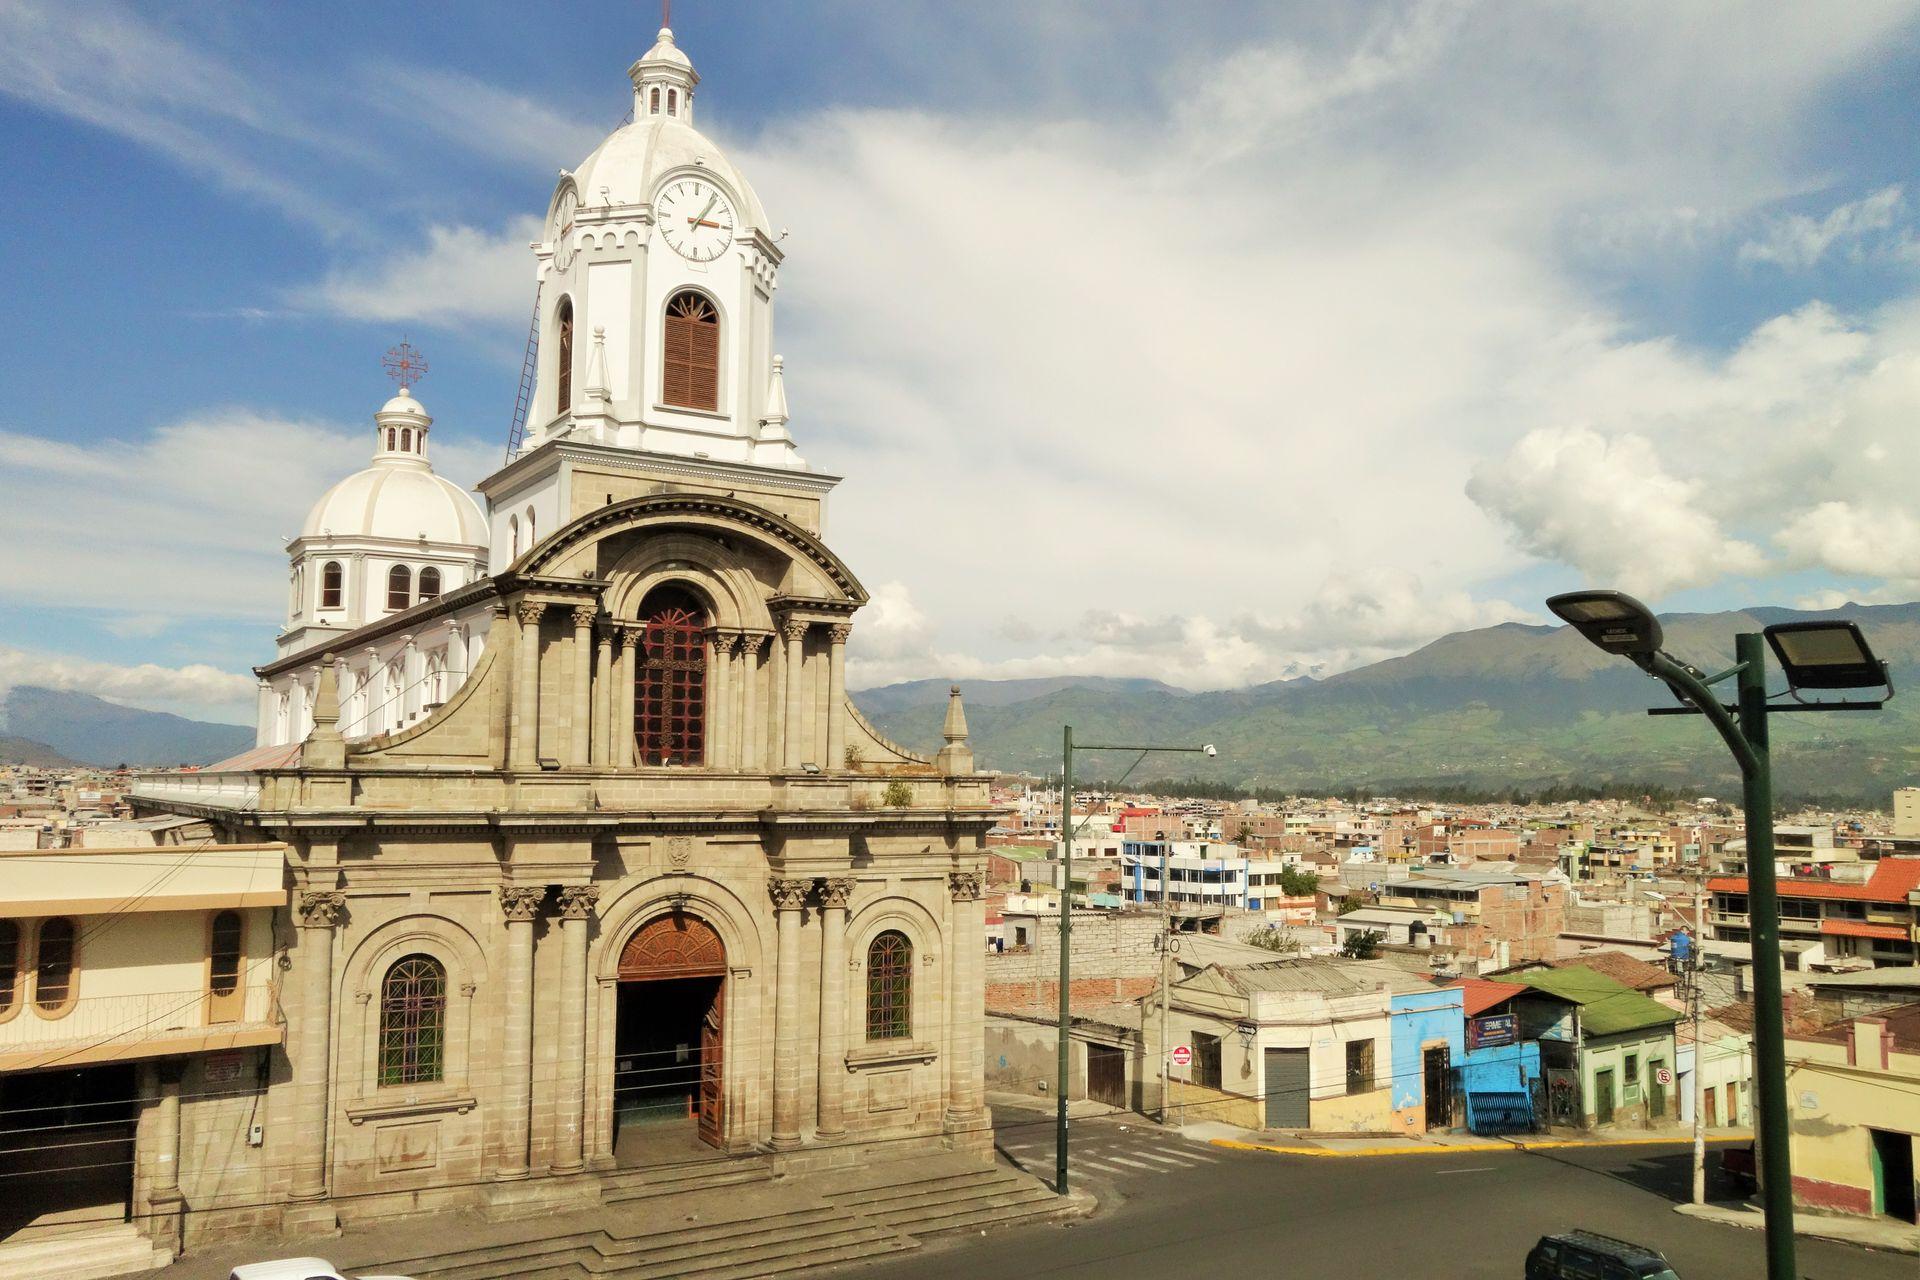 Riobamba hat auf mich irgendwie wie ein Strandort gewirkt. Um mich nochmal zu vergewissern, dass es nicht so ist bin ich auf den nächsten Hügel gestiegen. Kein Meer in Sicht. Wenns unbweölkt ist, kann man sogar bis zum Chimborazo schauen.